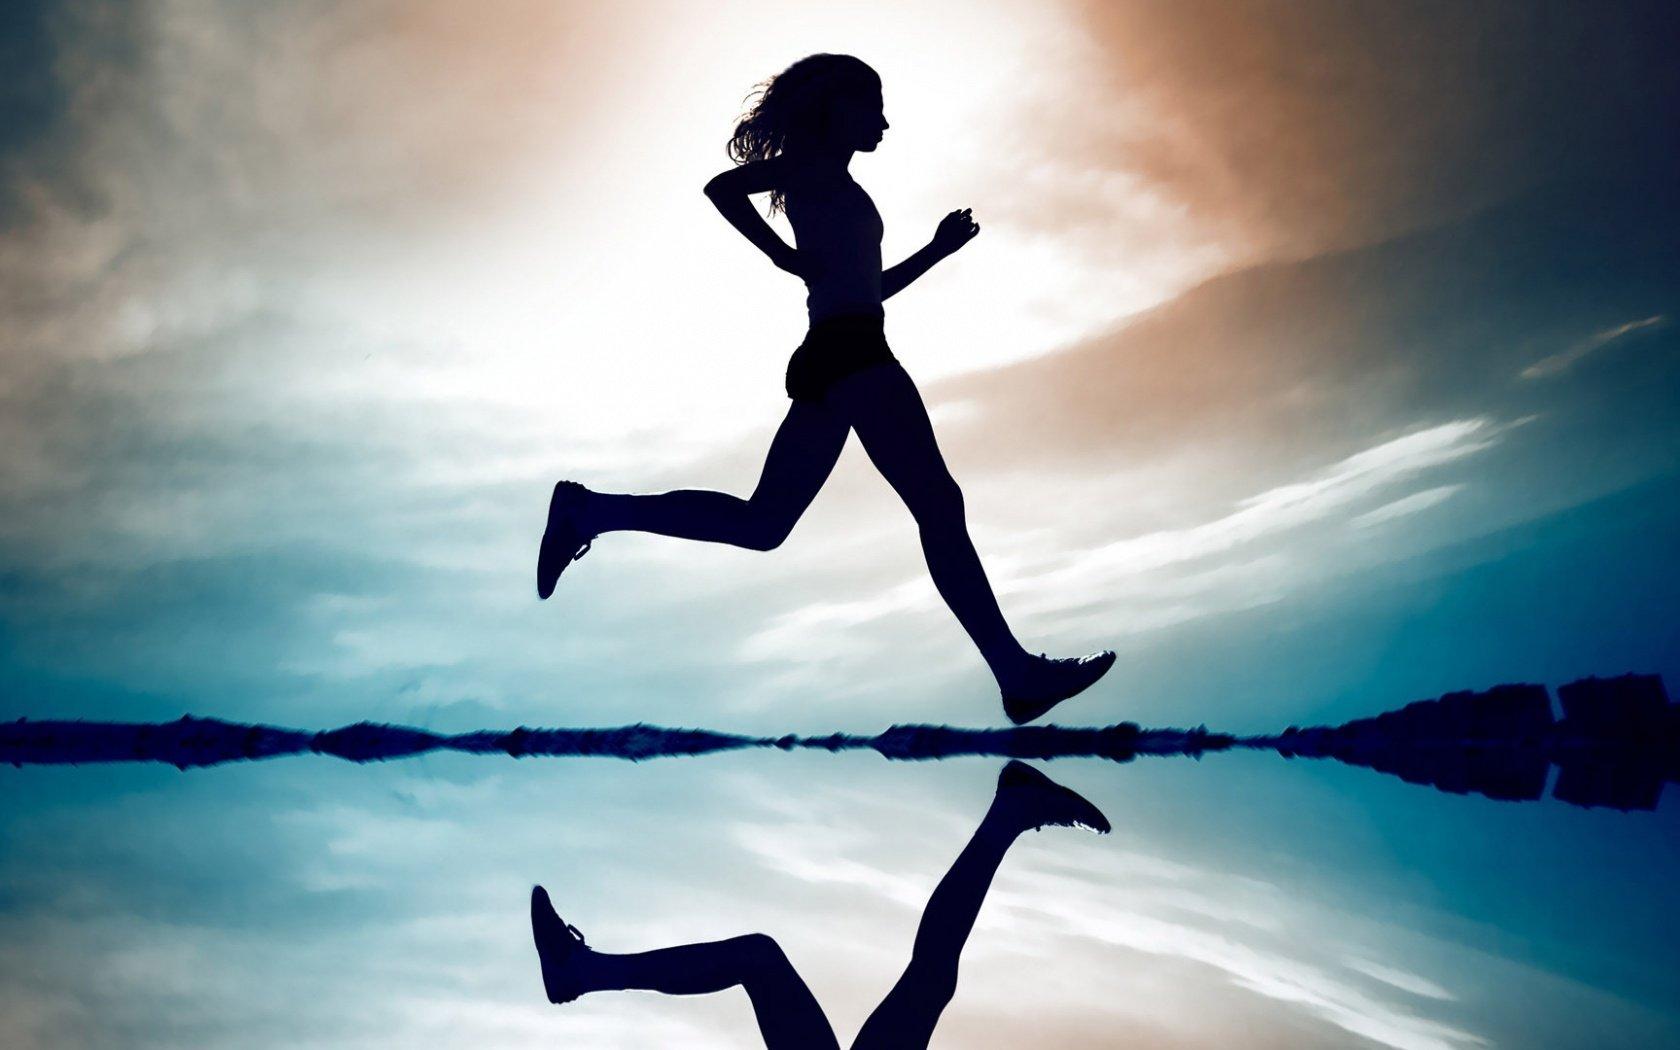 Exerciţiile cardio: la ce sunt bune şi cum putem să ne antrenăm eficient 2